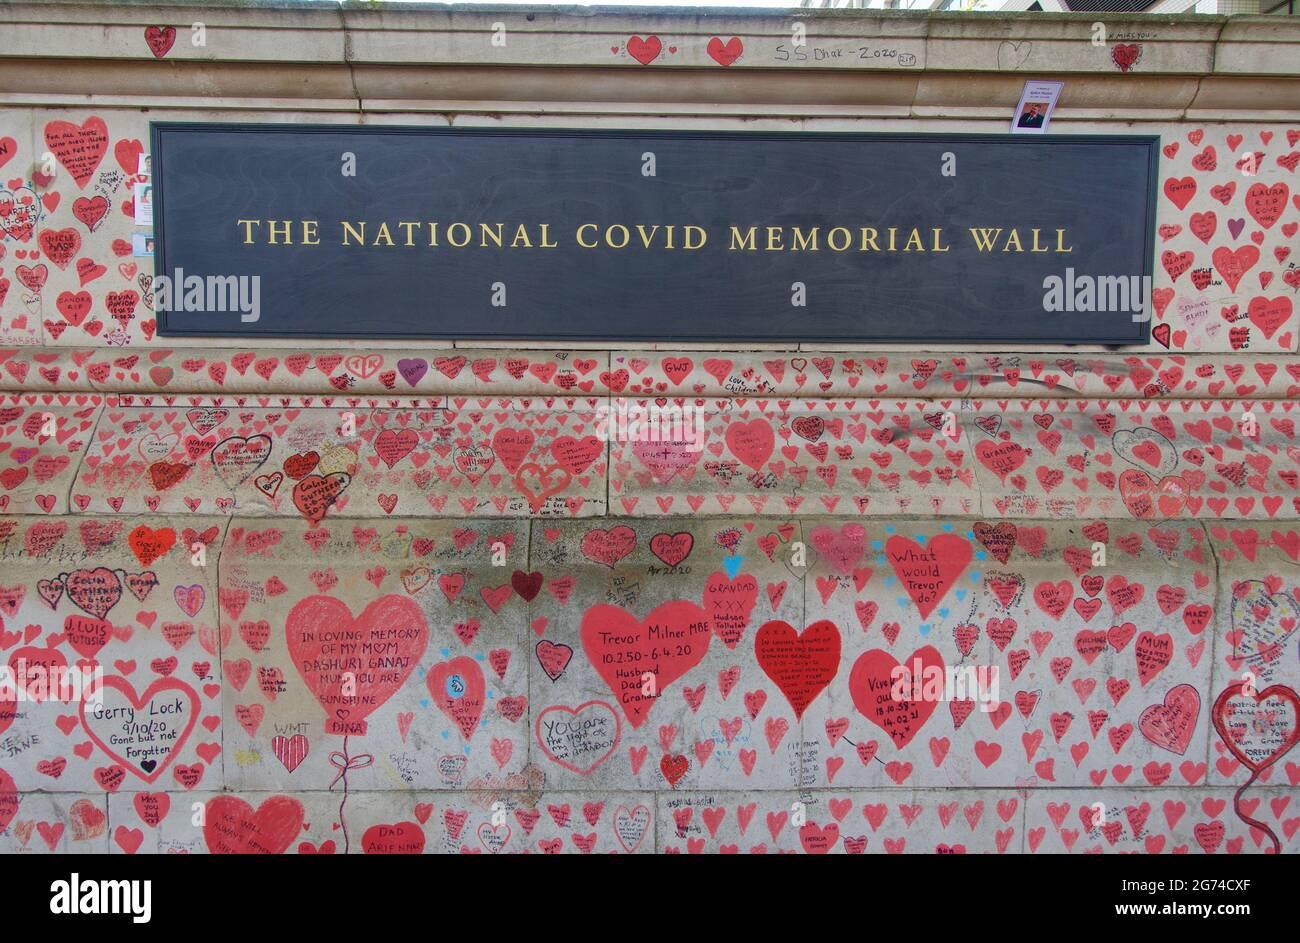 Londra, Inghilterra, Regno Unito 24.06.2021_The National Covid Memorial Wall a southbank, Lambeth in memoria delle vittime del Covid-19 Foto Stock